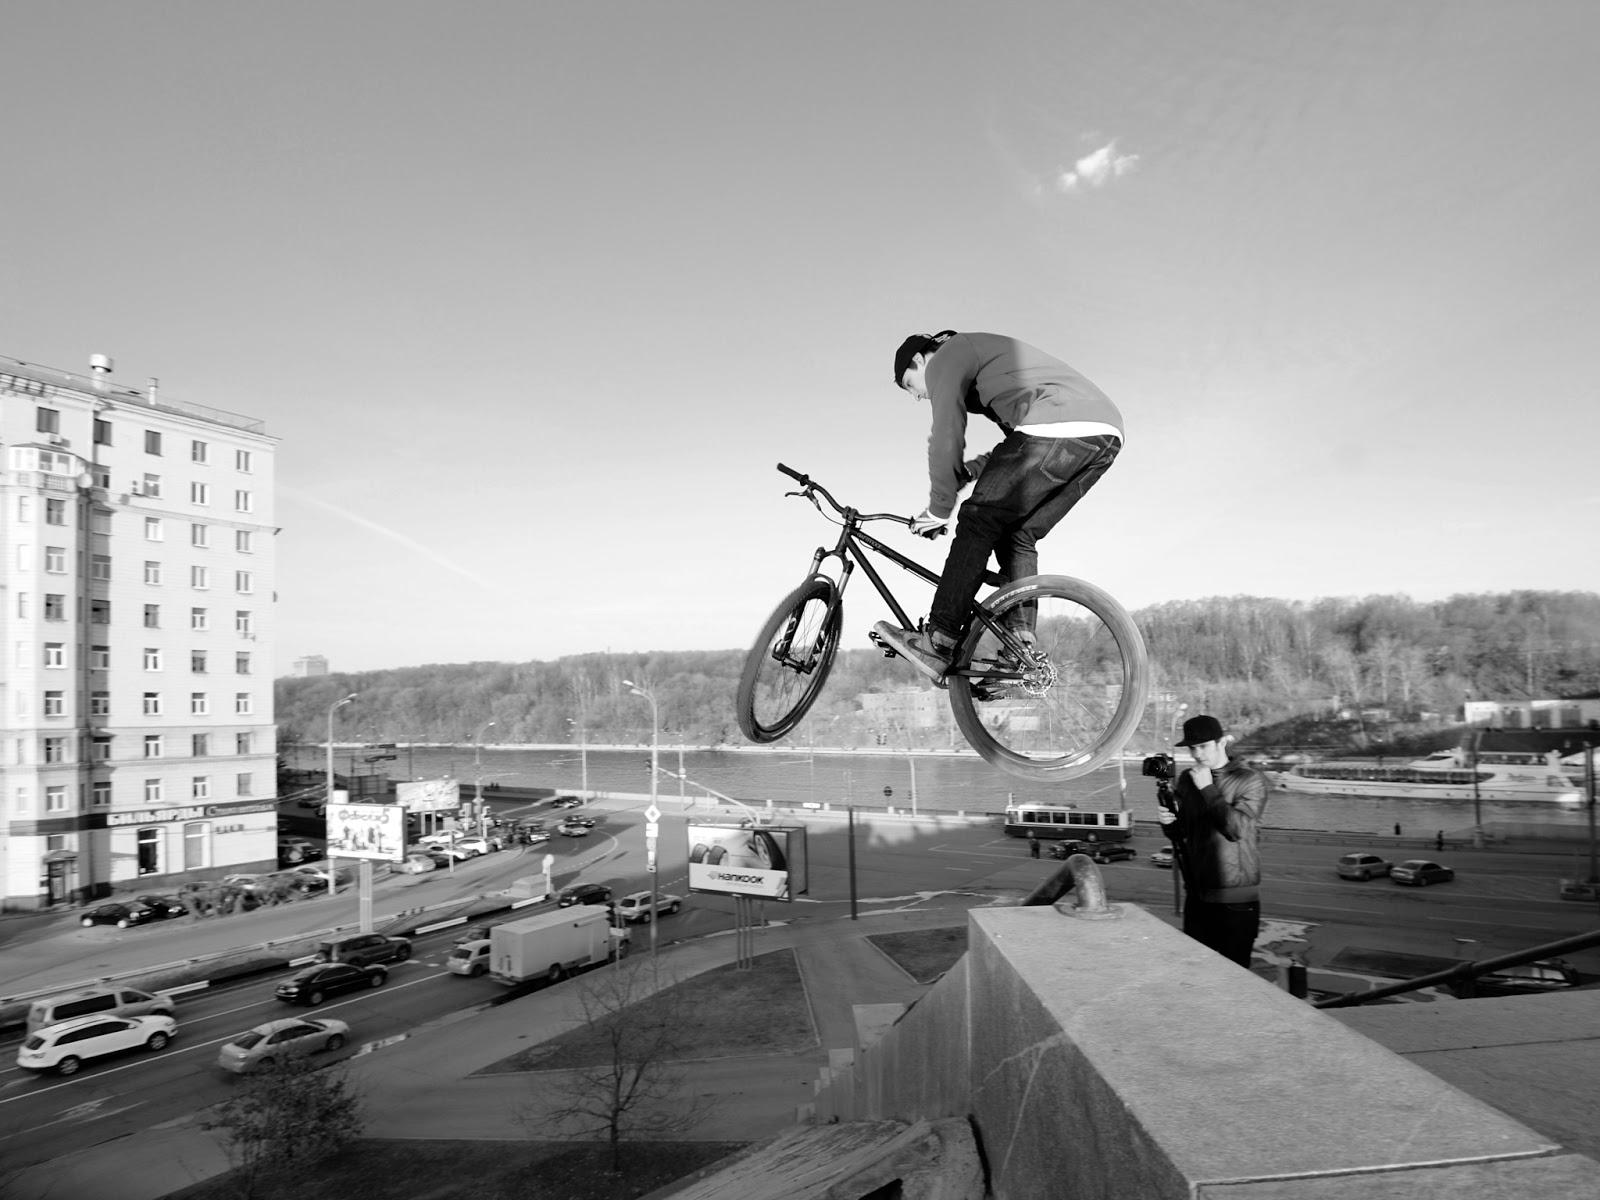 Fly BMX Freestyle Wallpaper HD #8722 Wallpaper | High ...  |Bmx Freestyle Wallpaper